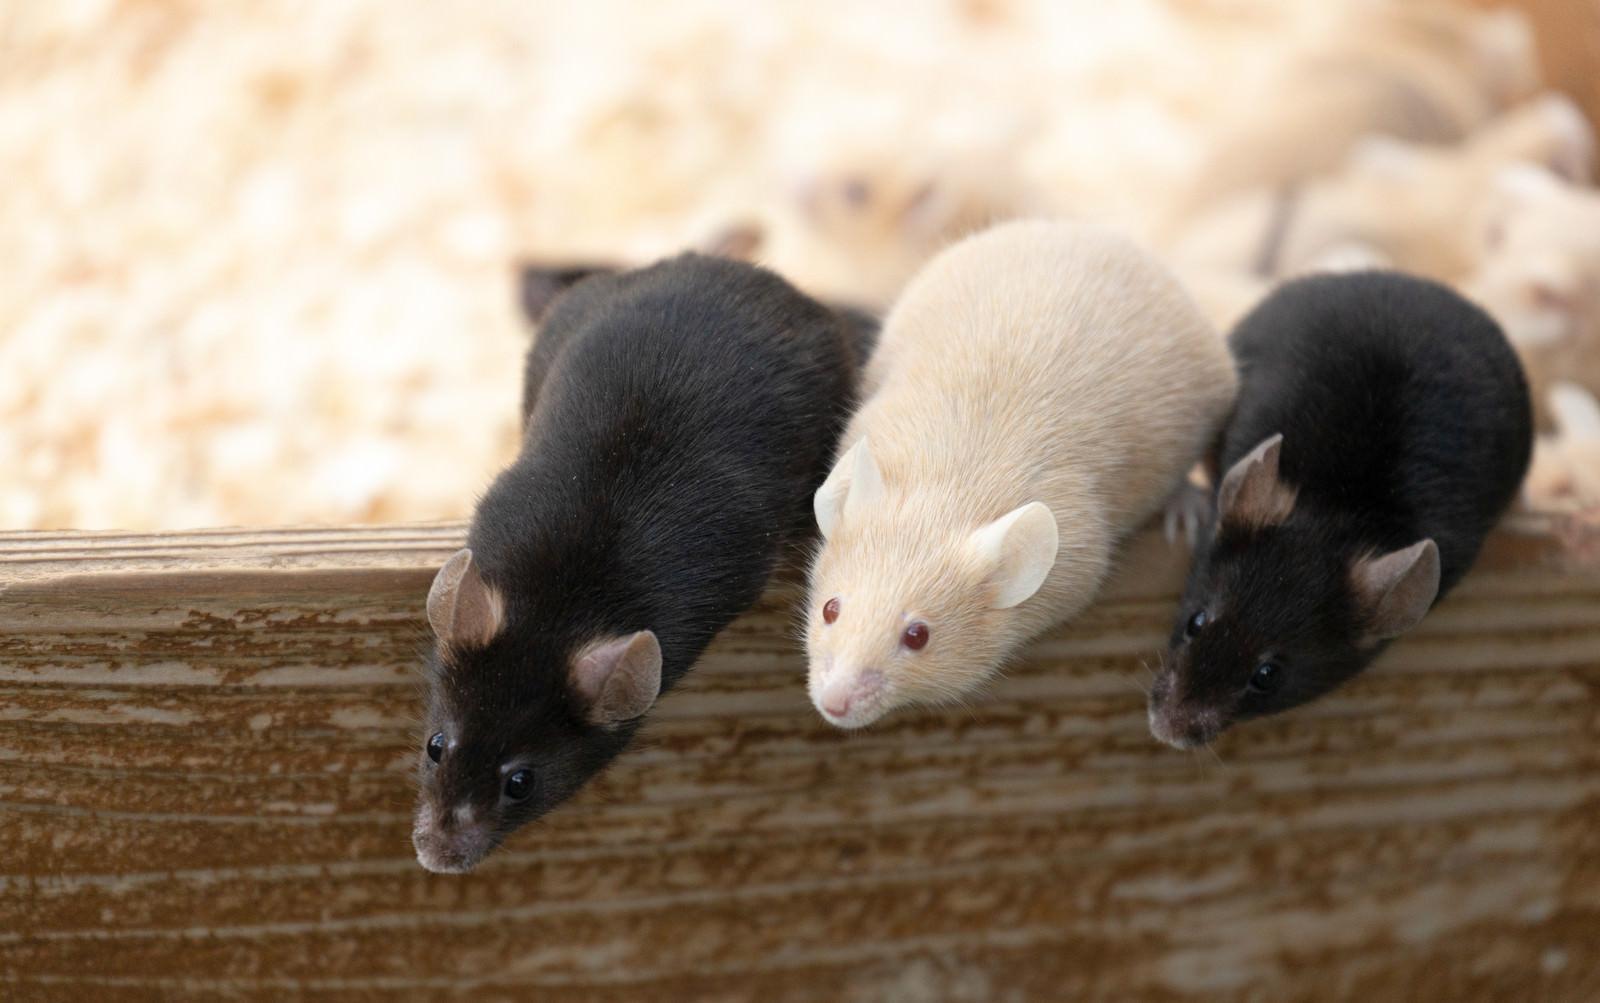 「身を乗り出して餌をもらおうとするハツカネズミ」の写真